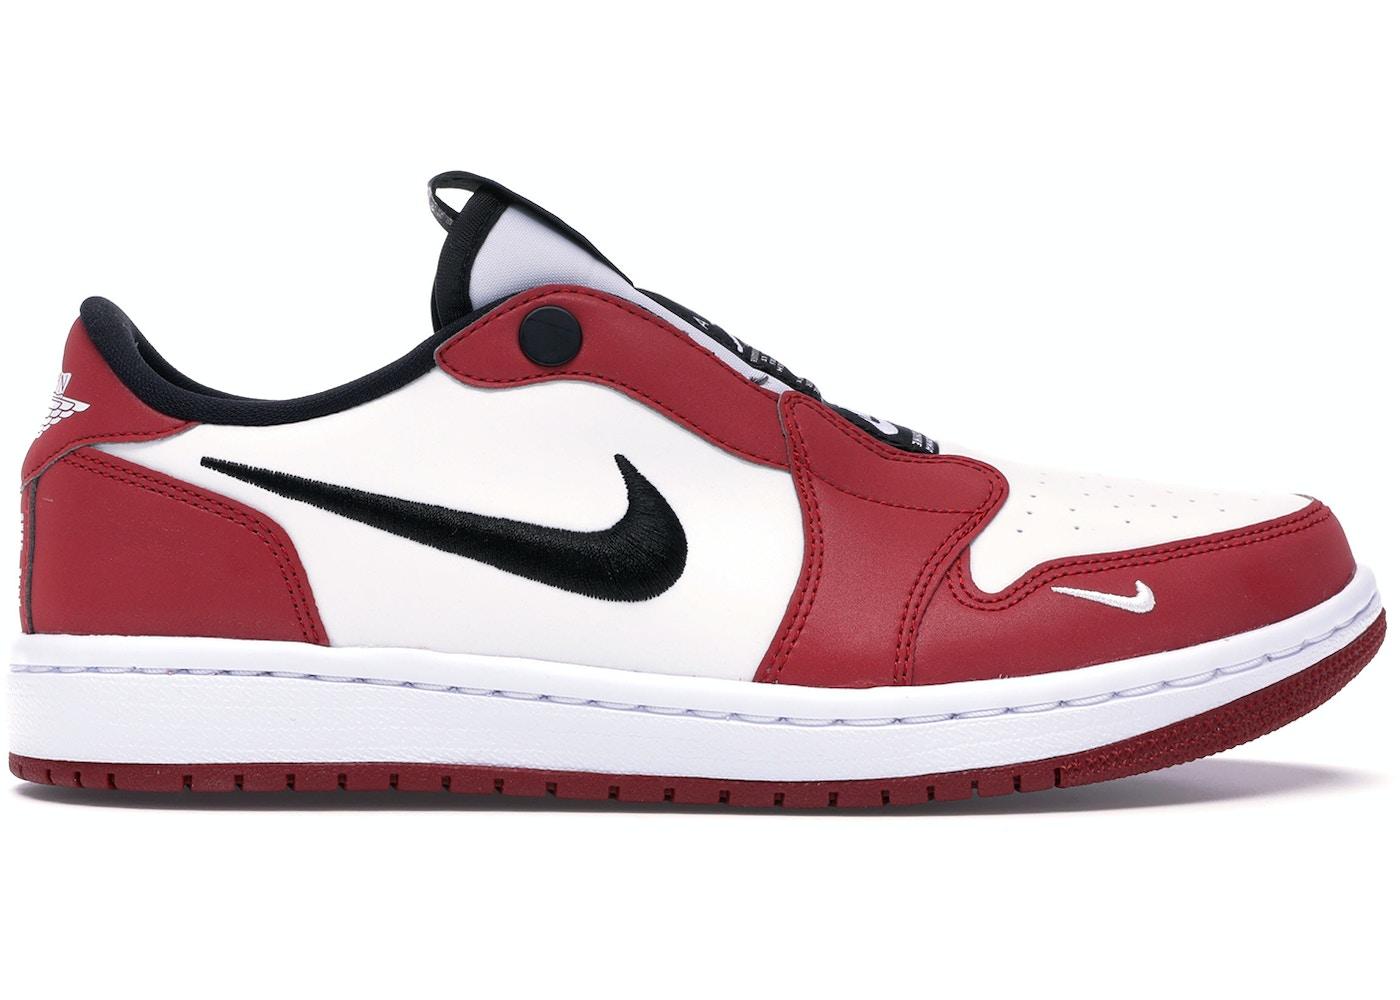 1275abb8ae49 Jordan 1 Retro Low Slip Chicago (W) - BQ8462-601